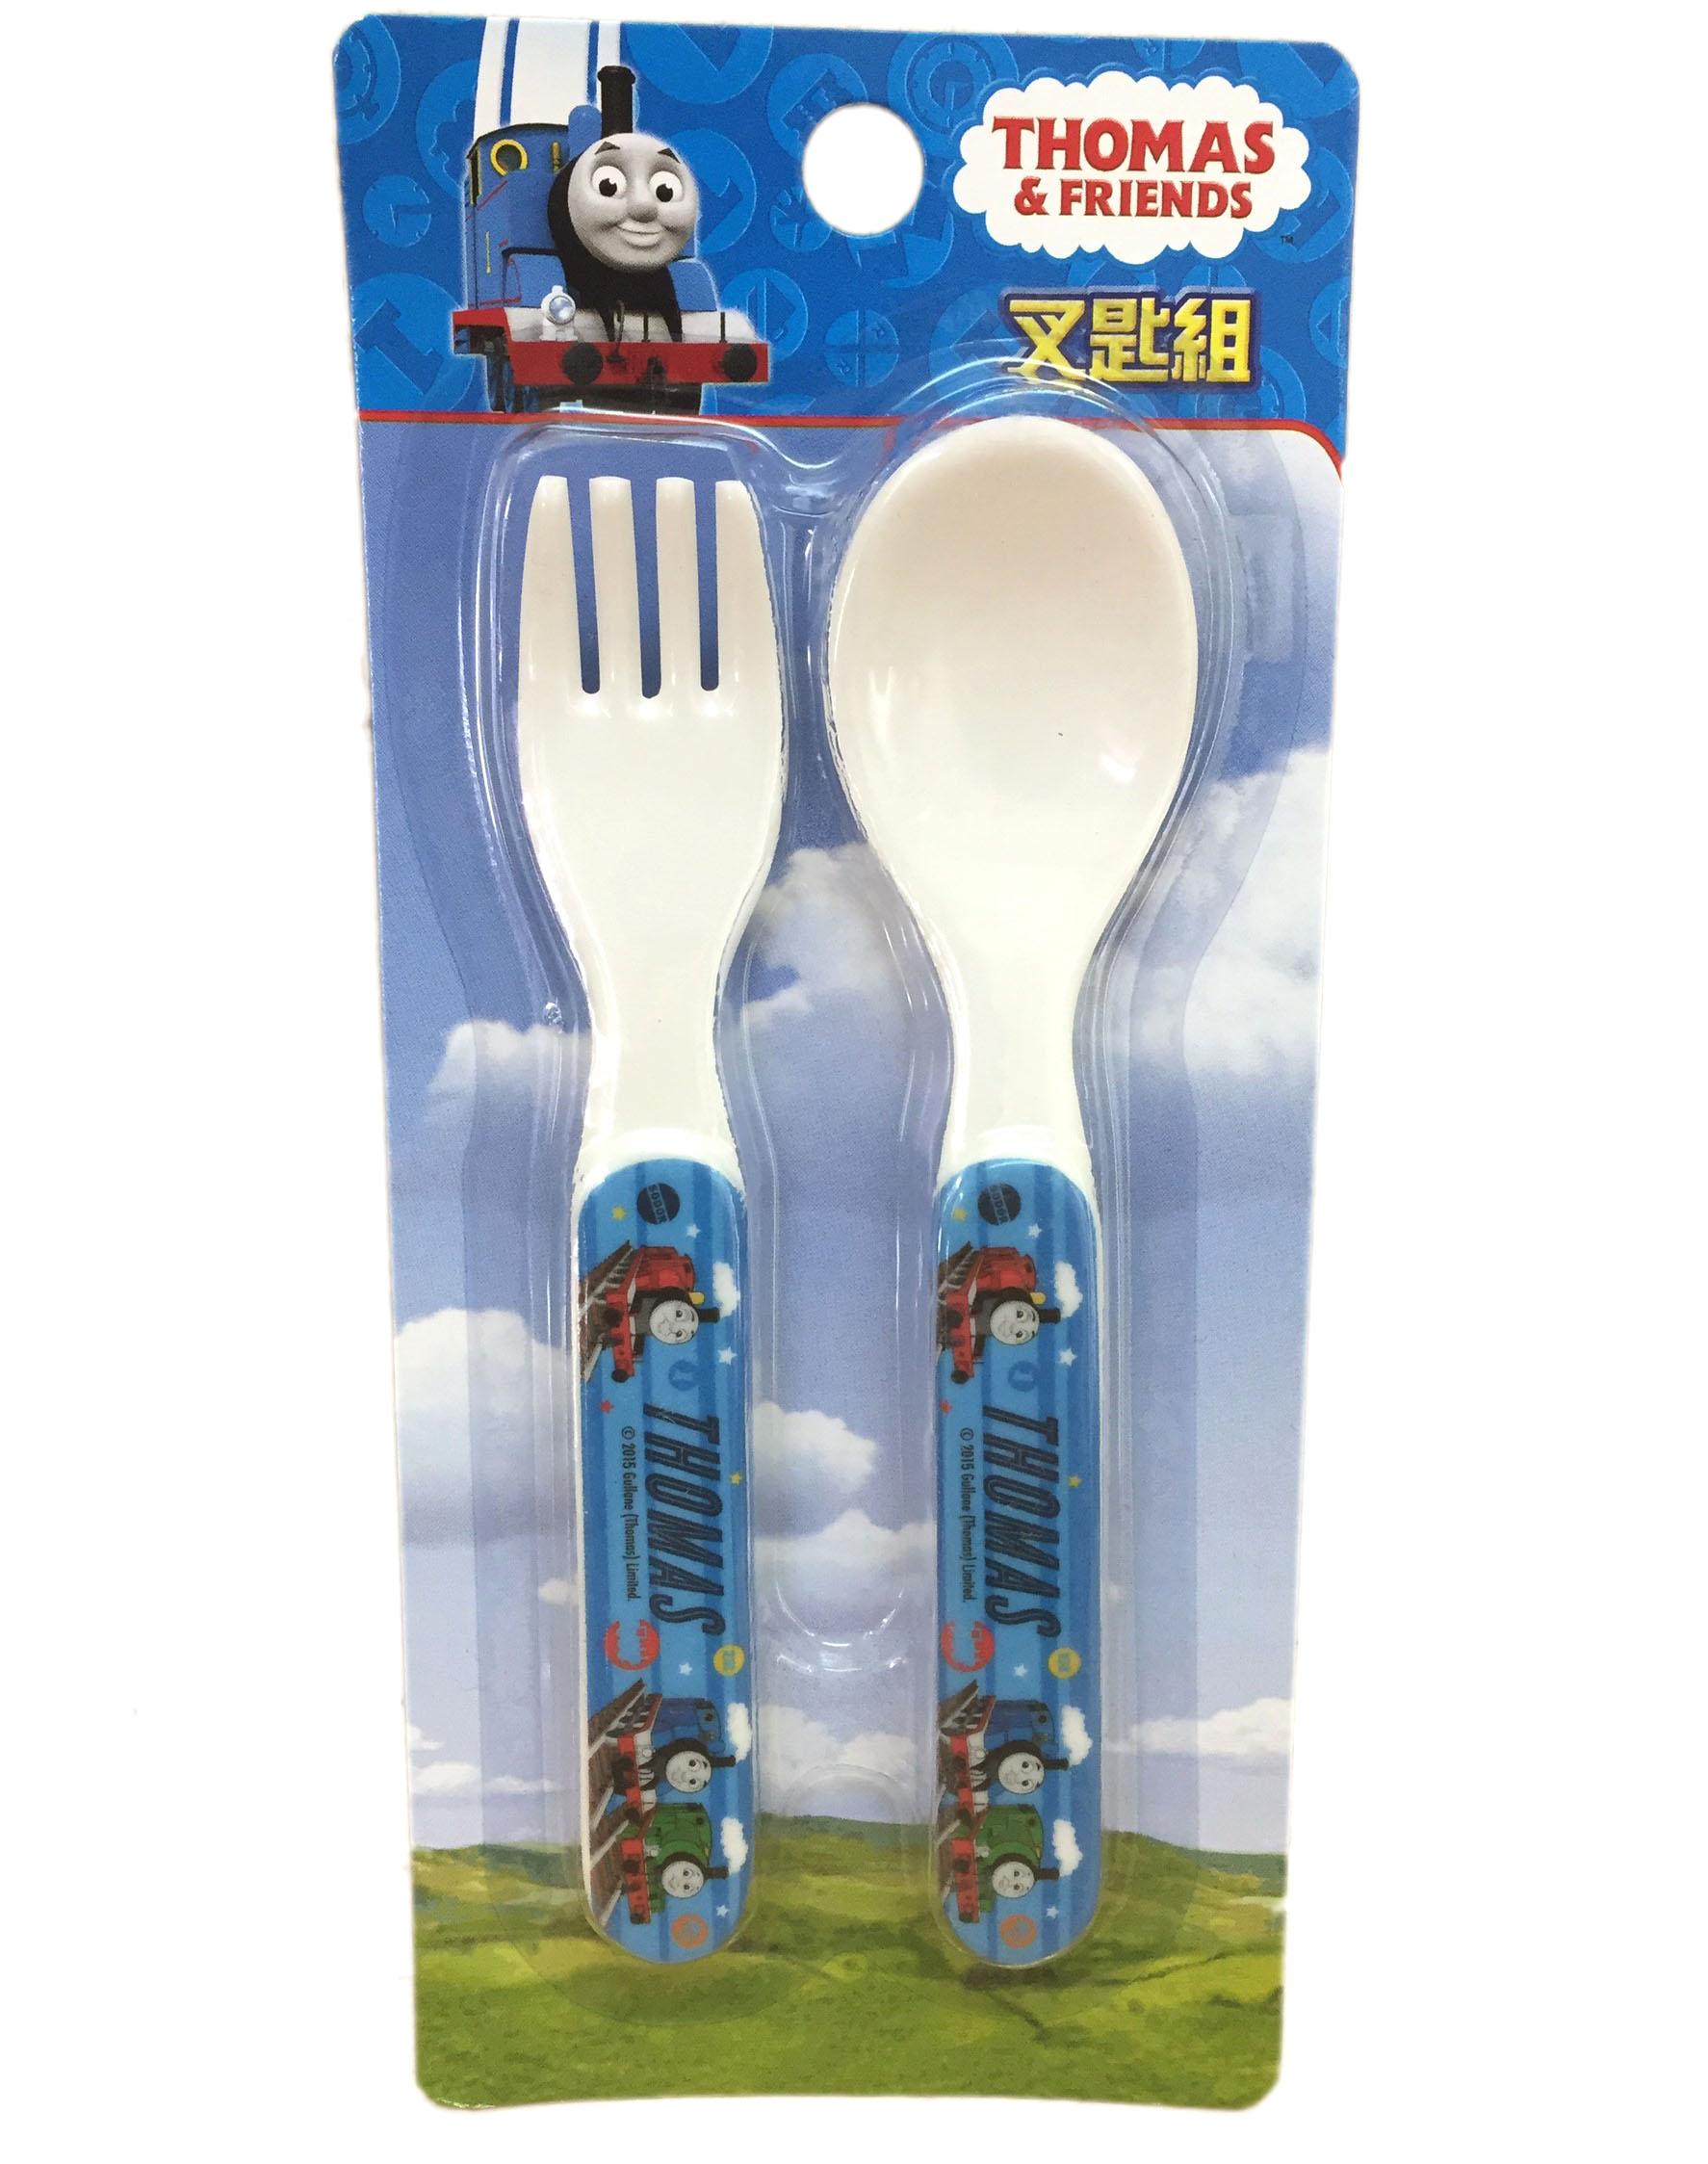 【真愛日本】16072700022叉匙組-湯瑪士藍  THOMAS & FRIENDS 湯瑪士 小火車 叉子 筷子 餐具 嬰幼兒